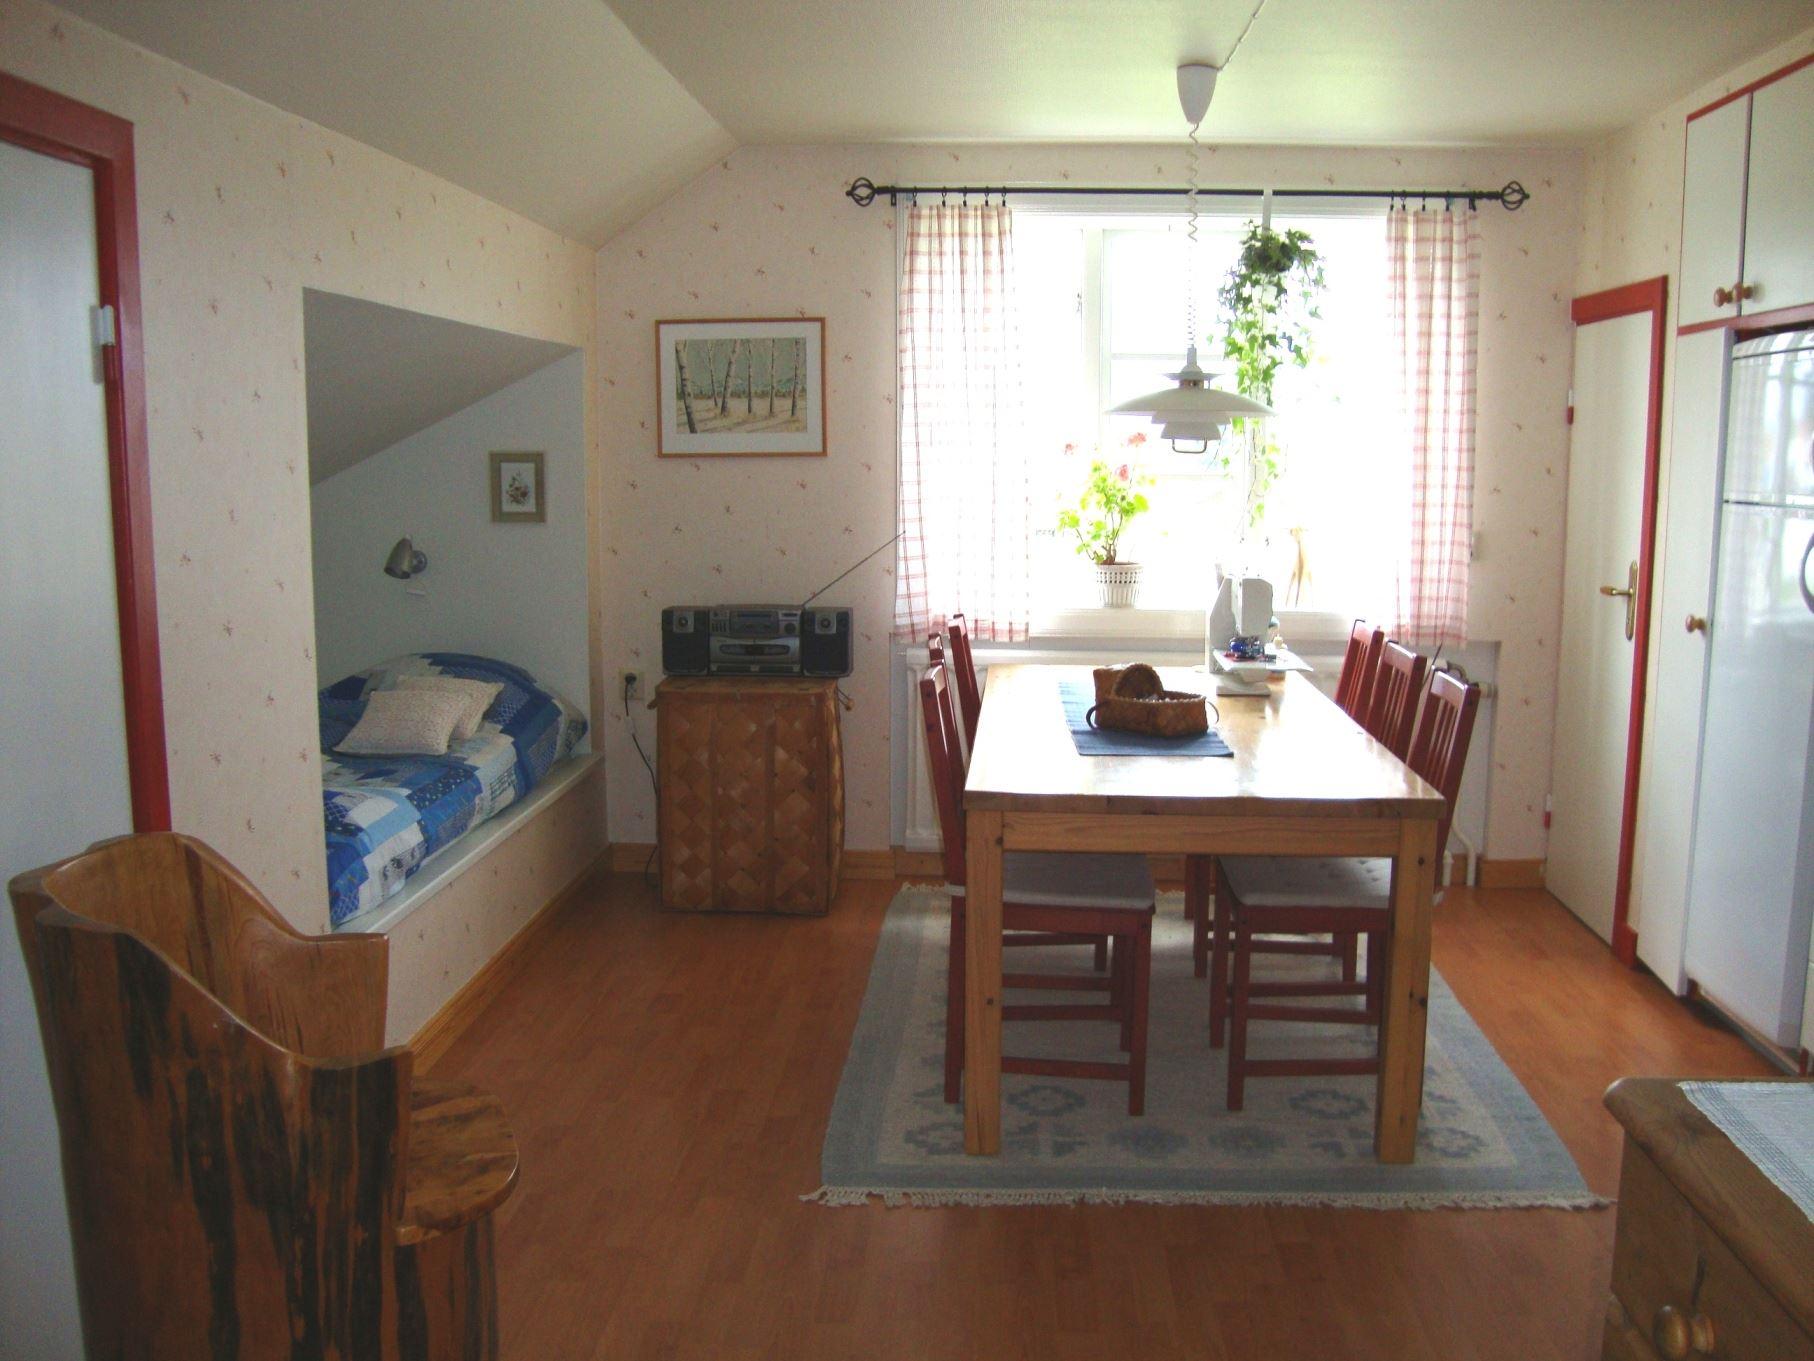 Privatrum M206, Stikågatan, Färnäs, Mora